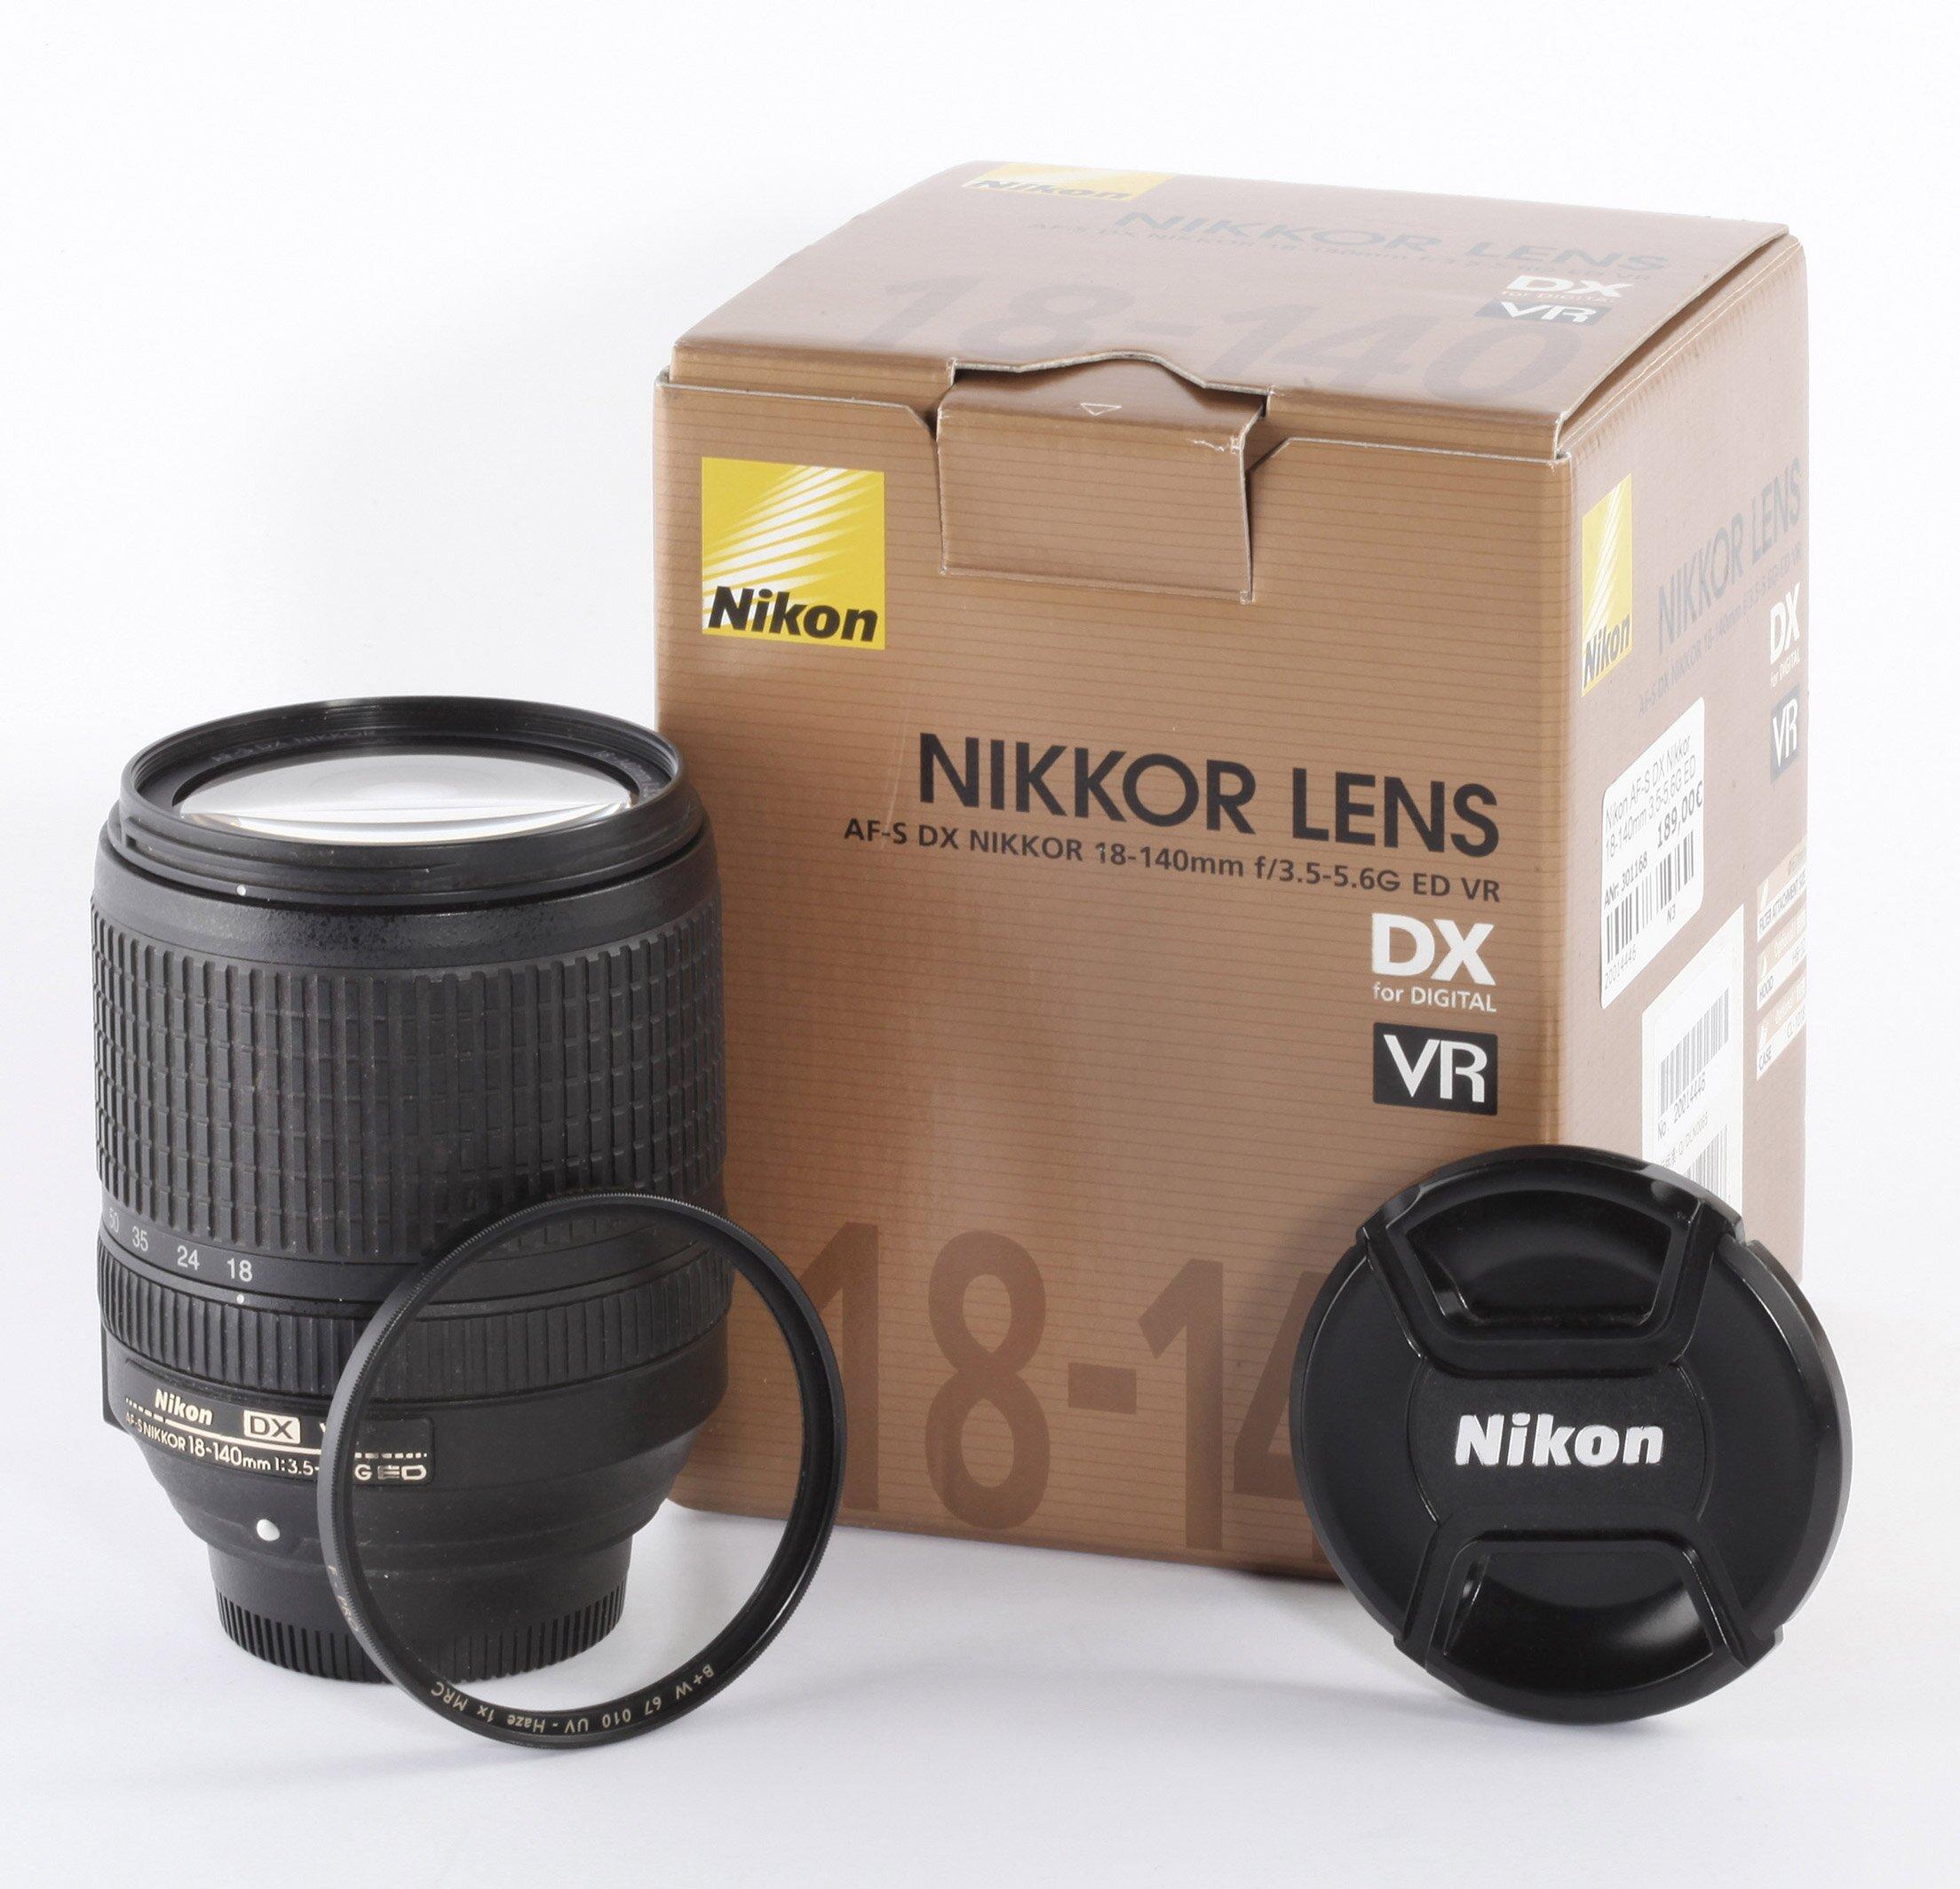 Nikon AF-S DX Nikkor 18-140mm 3,5-5,6G ED VR